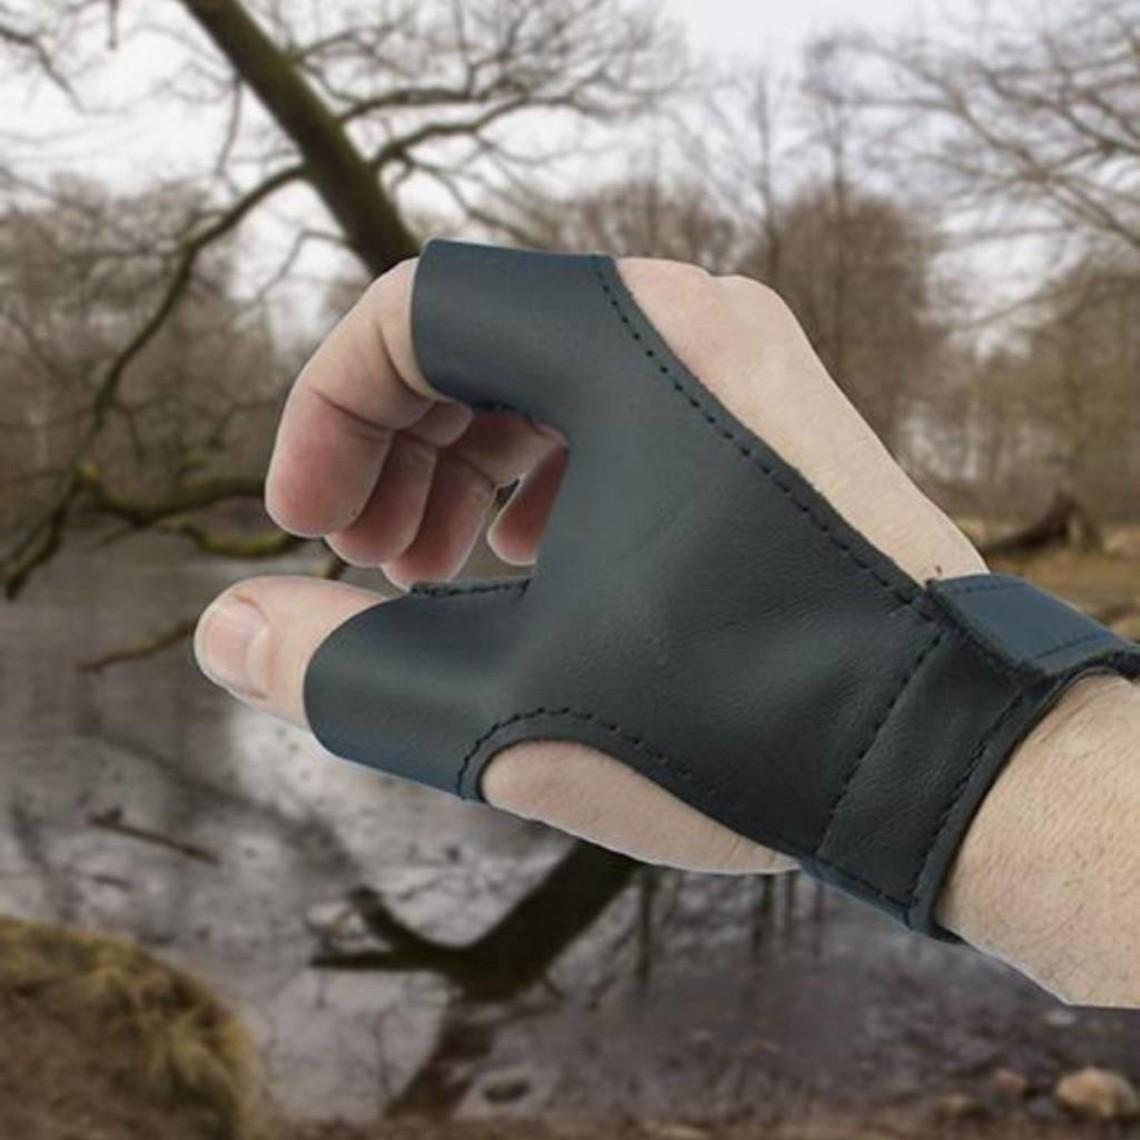 Epic Armoury Bow handske VÄNSTER handen bågskytt, svart